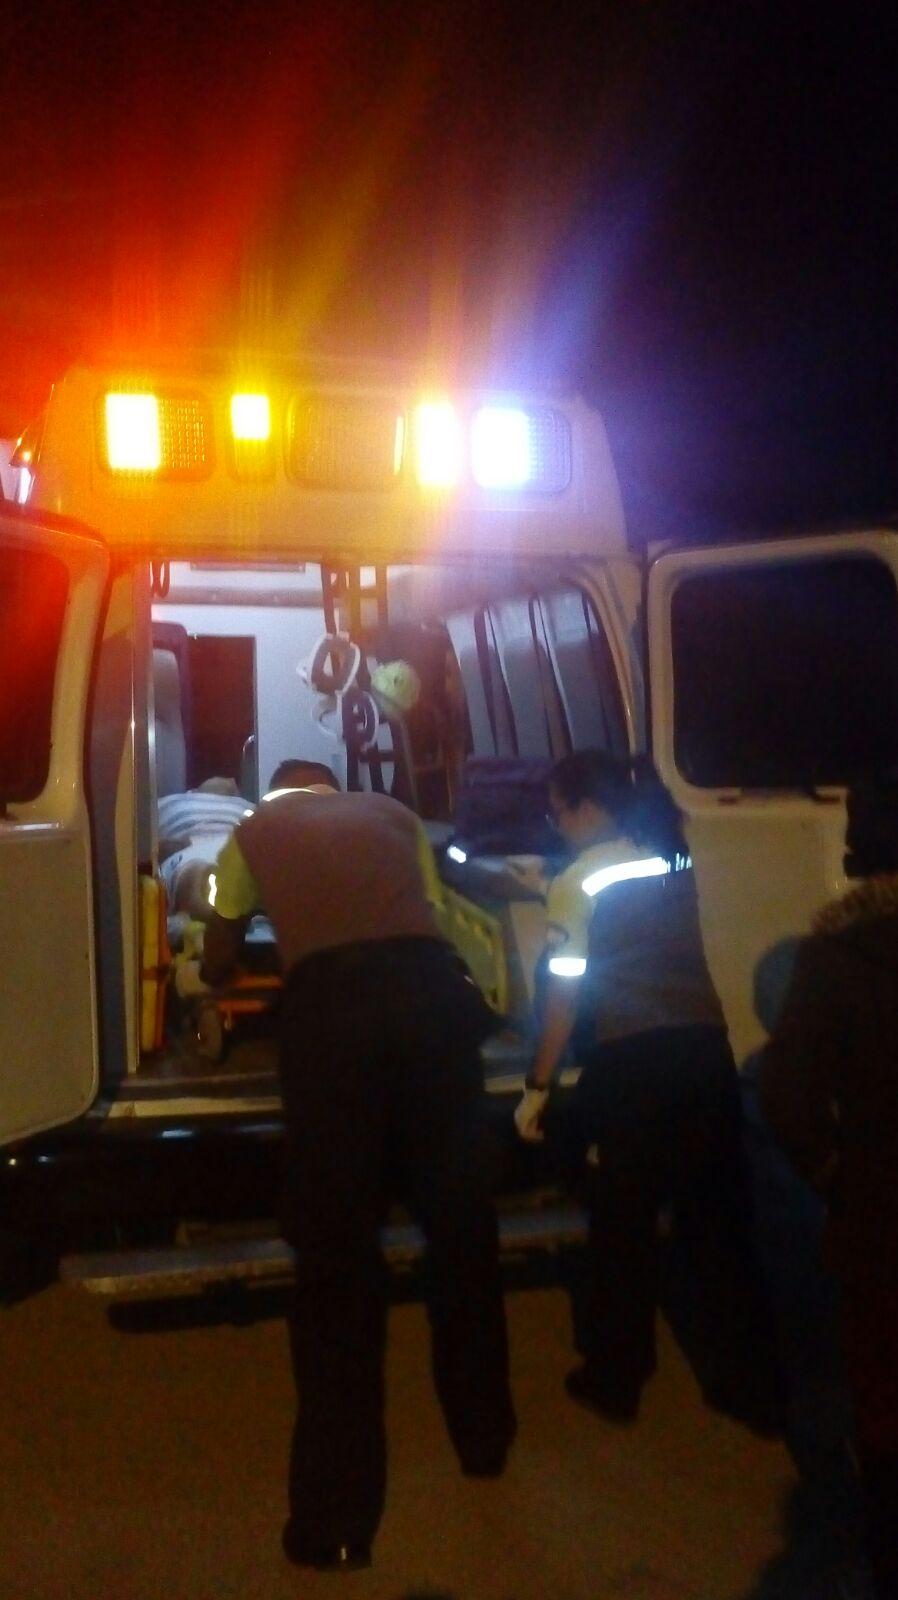 ¡De un balazo hirieron a un joven durante una riña en Aguascalientes!